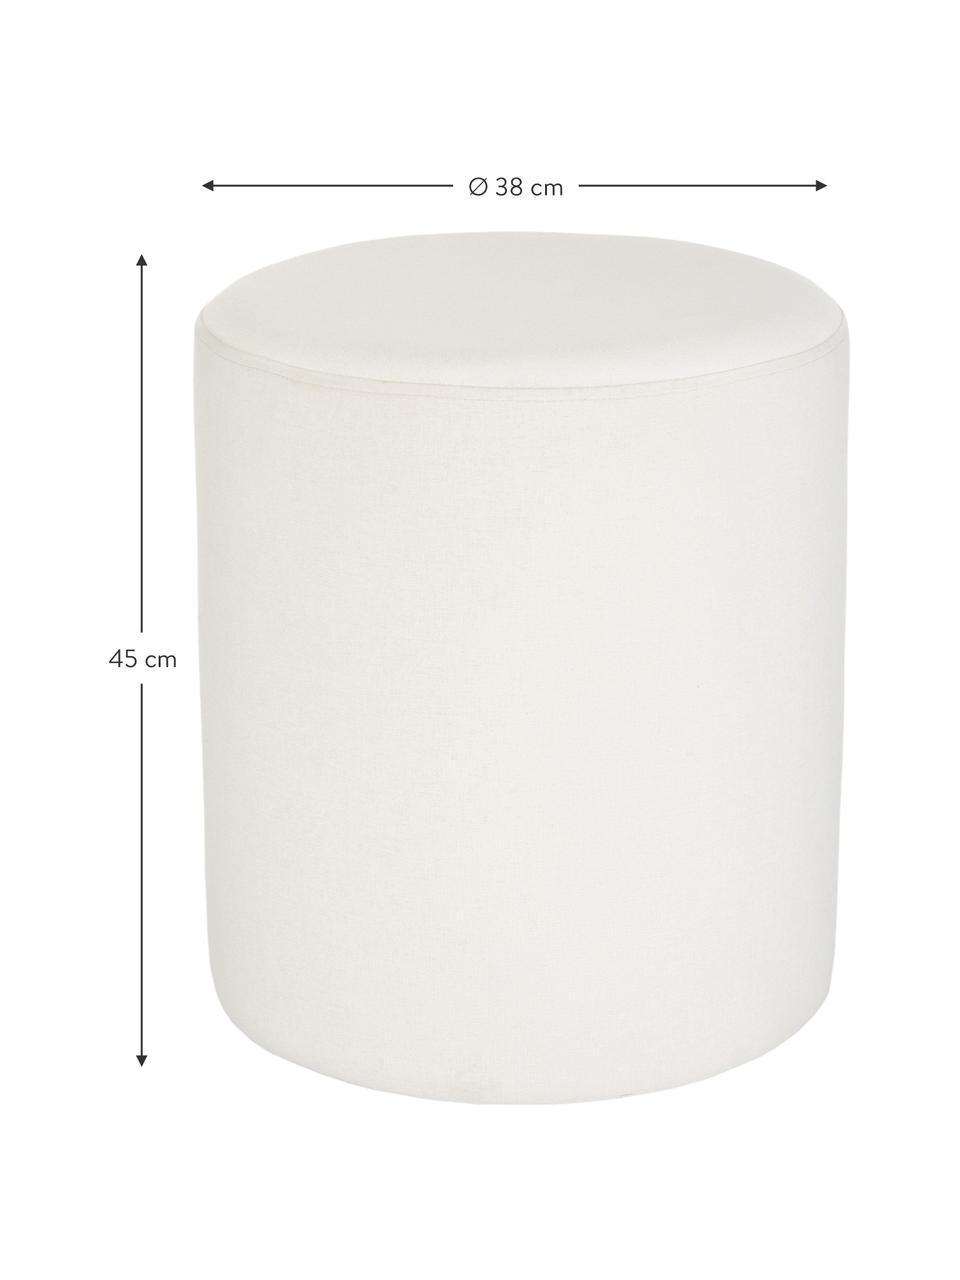 Hocker Daisy in Cremeweiß, Bezug: 100% Polyester Der hochwe, Rahmen: Sperrholz, Webstoff Weiß, Ø 38 x H 45 cm